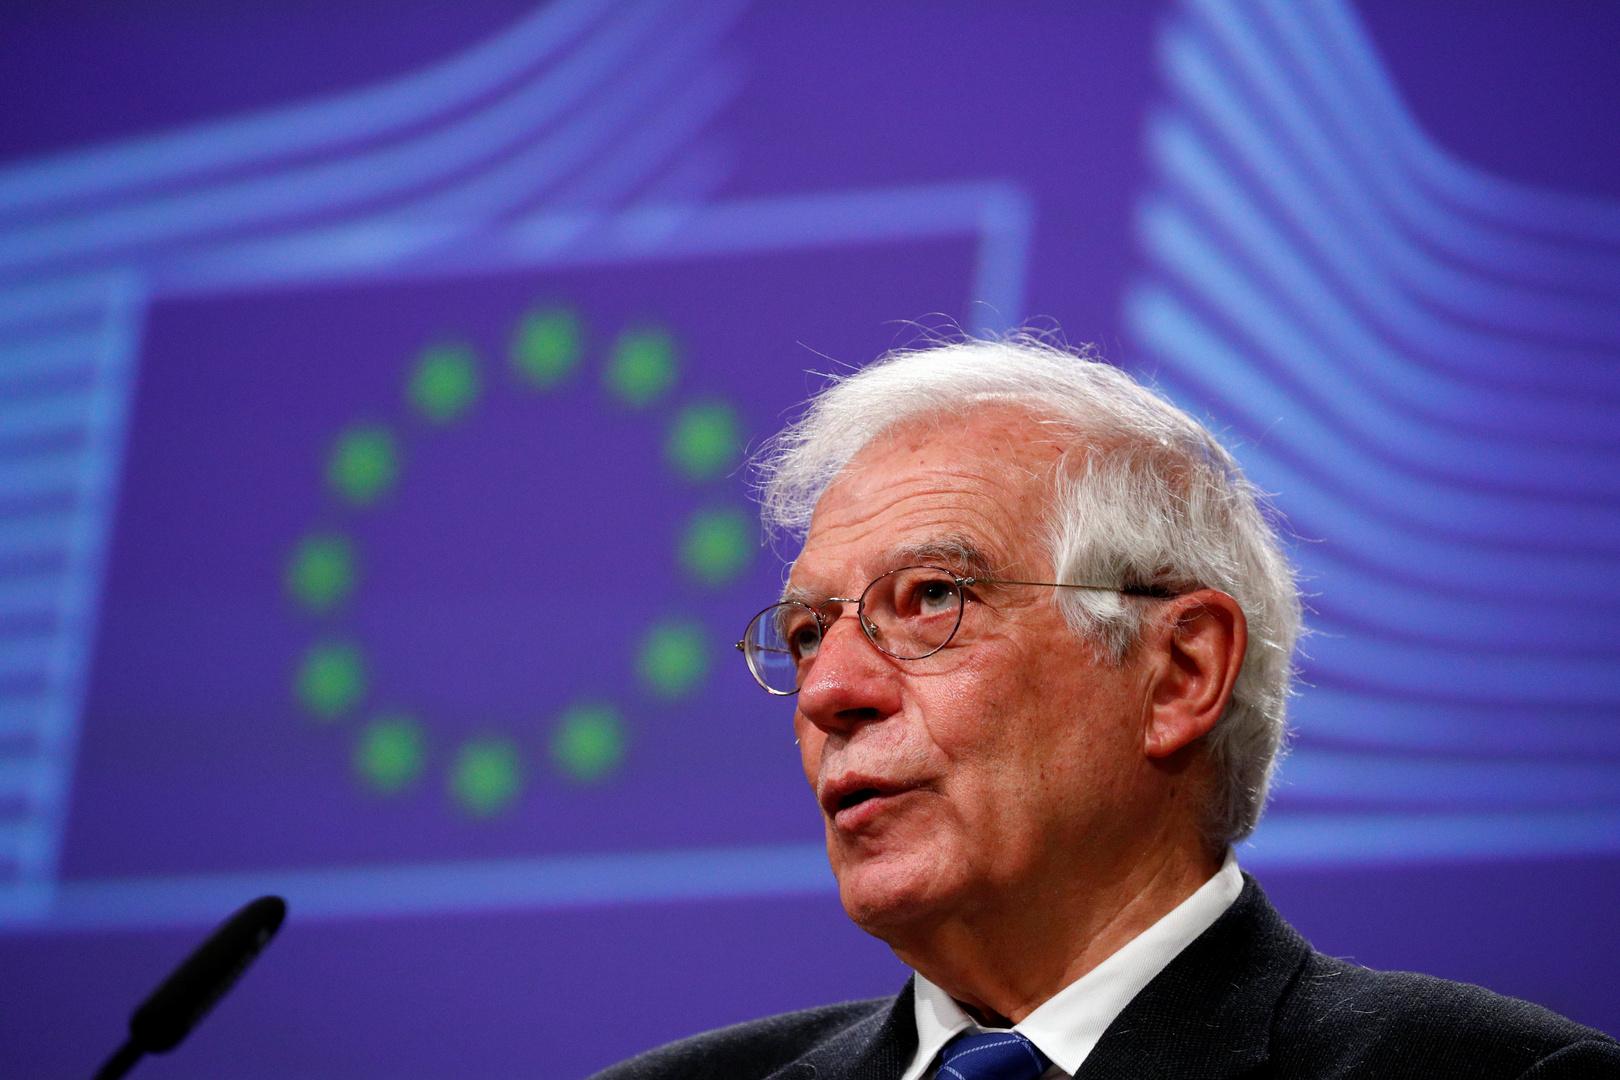 الاتحاد الأوروبي يجدد رفضه للخطط الإسرائيلية لضم أراض فلسطينية